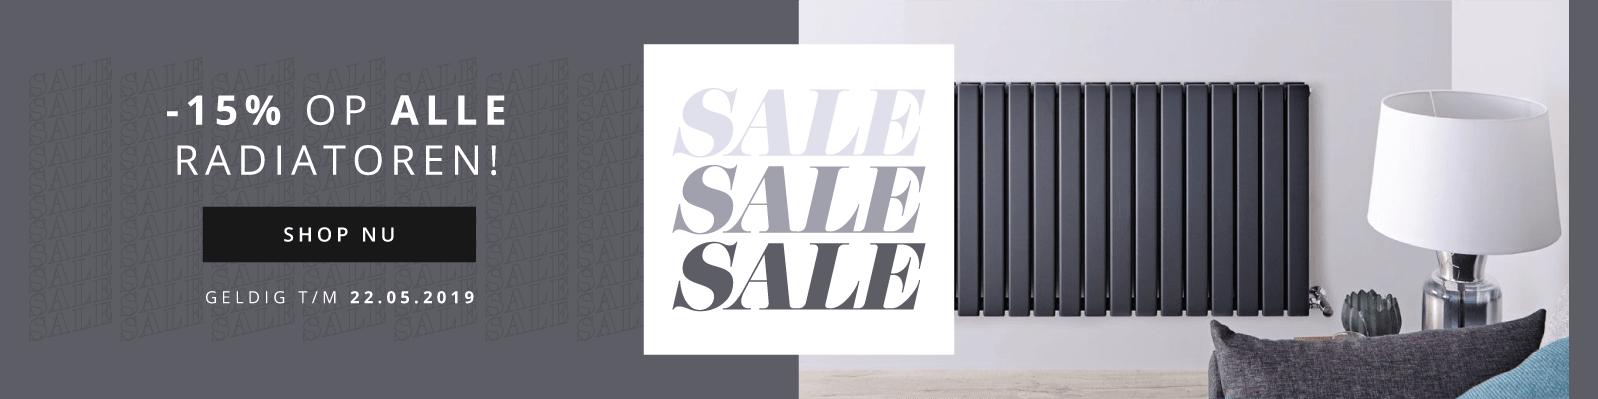 SALE -15% op alle radiatoren! Shop NU geldig t/m 22.05.2019